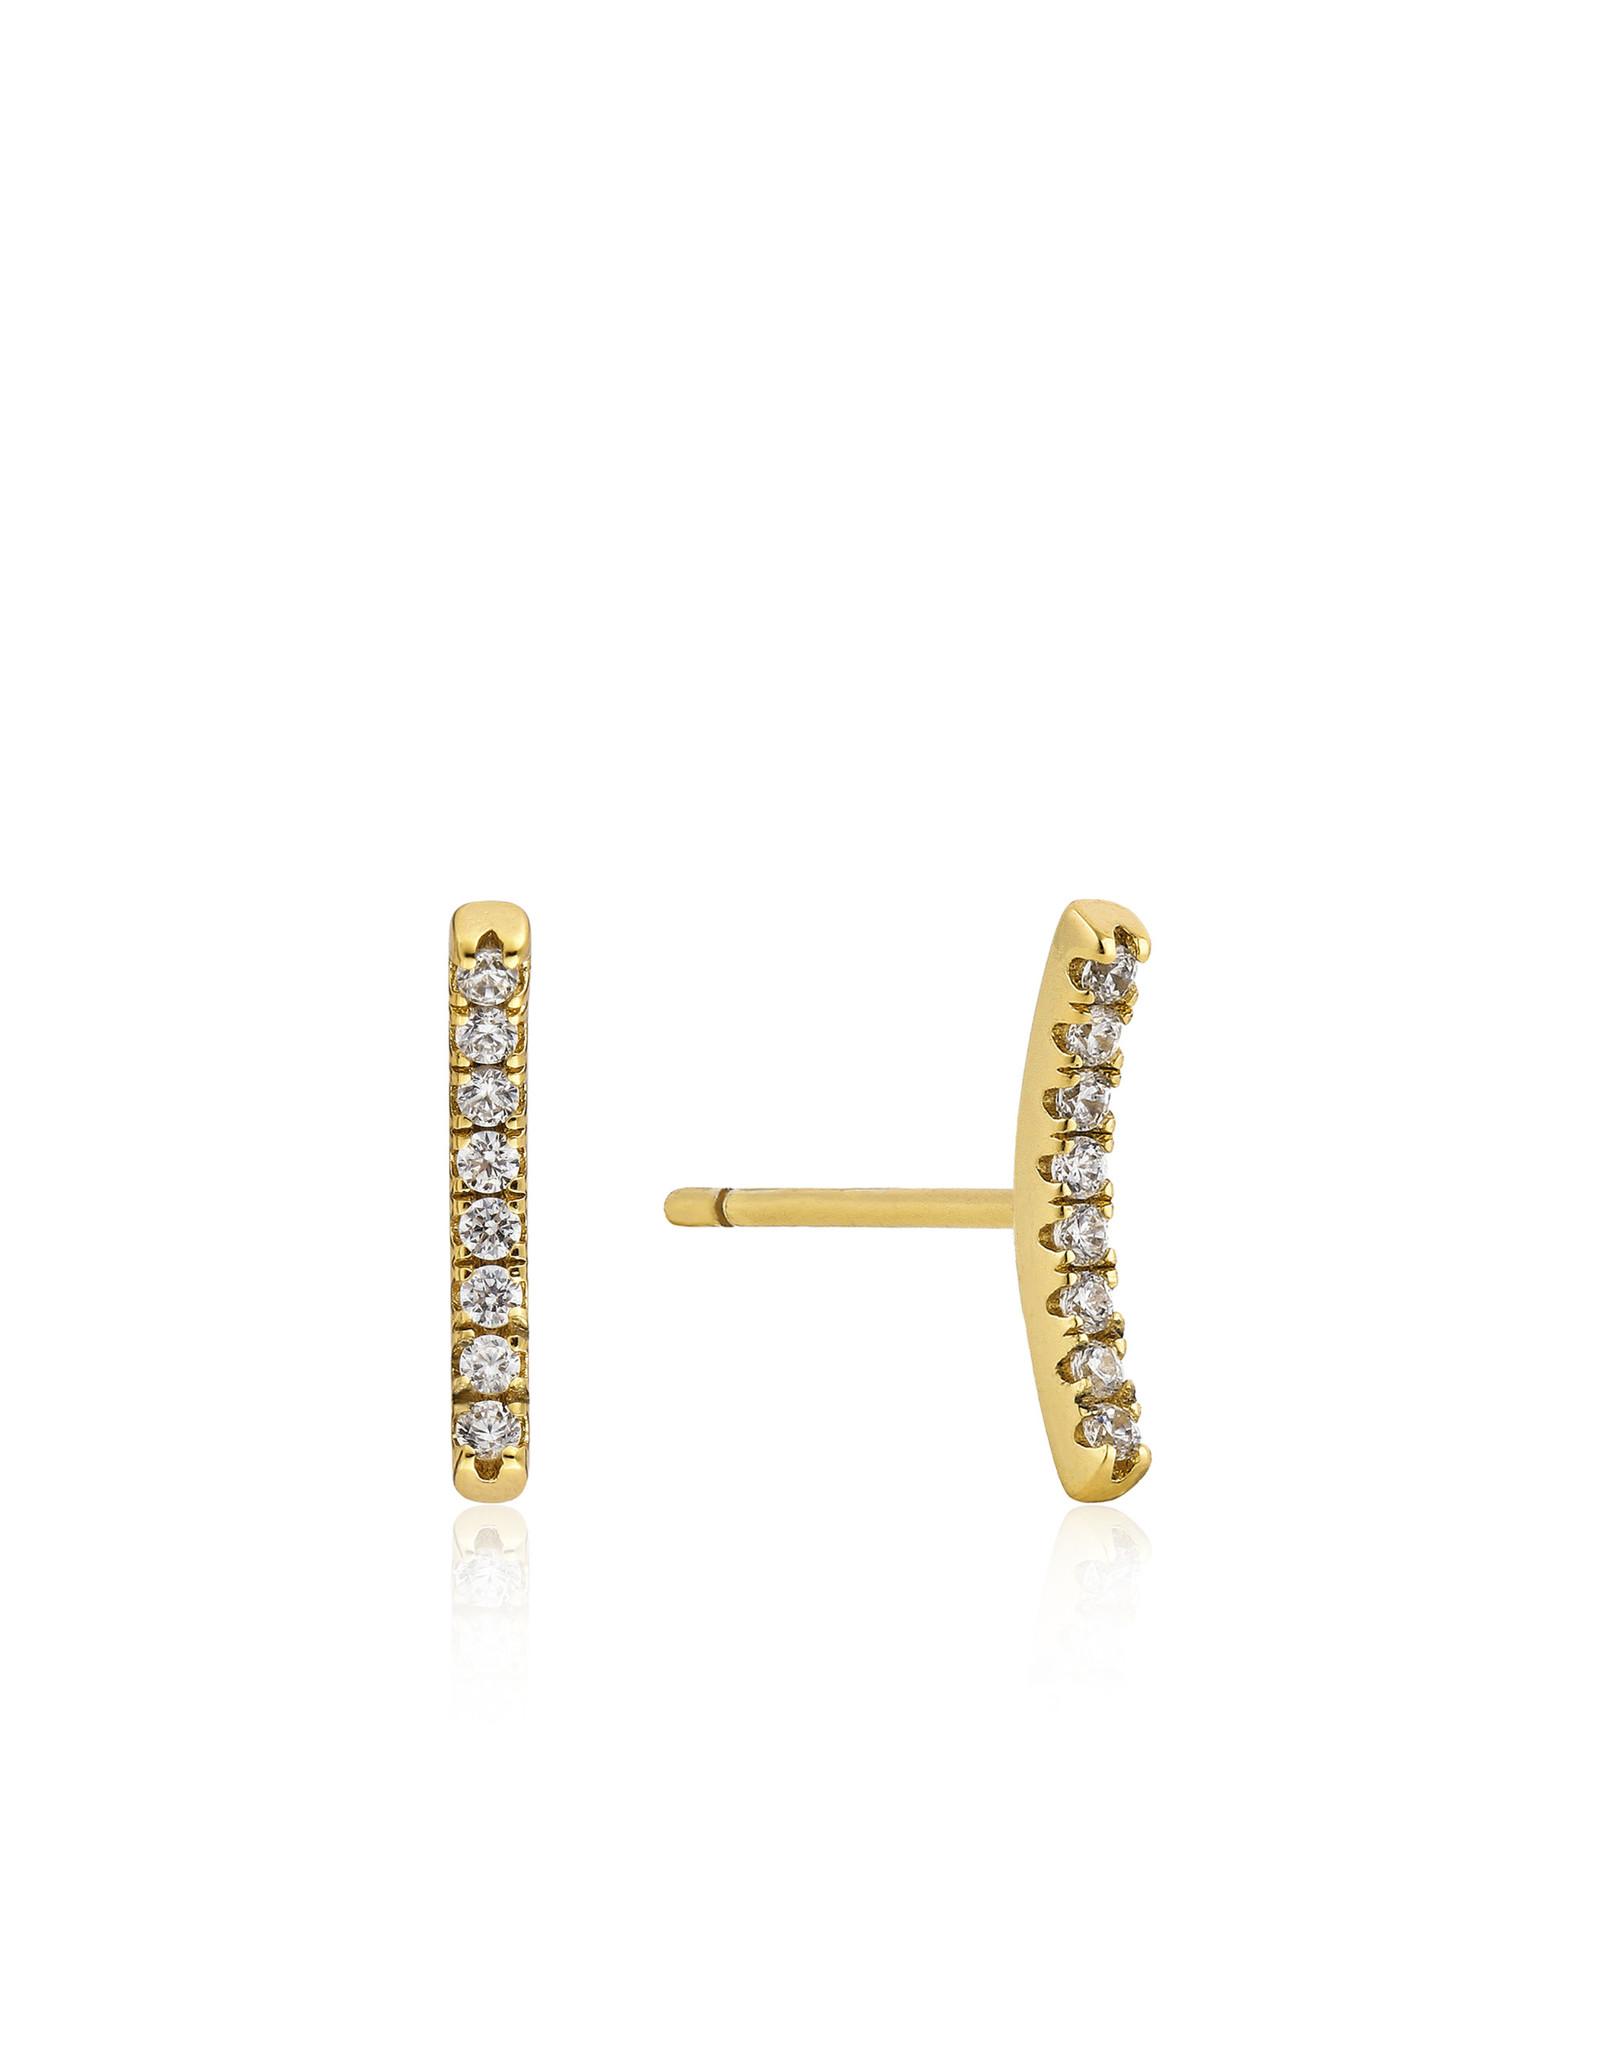 Ania Haie Shimmer Pavé Bar Stud Earrings